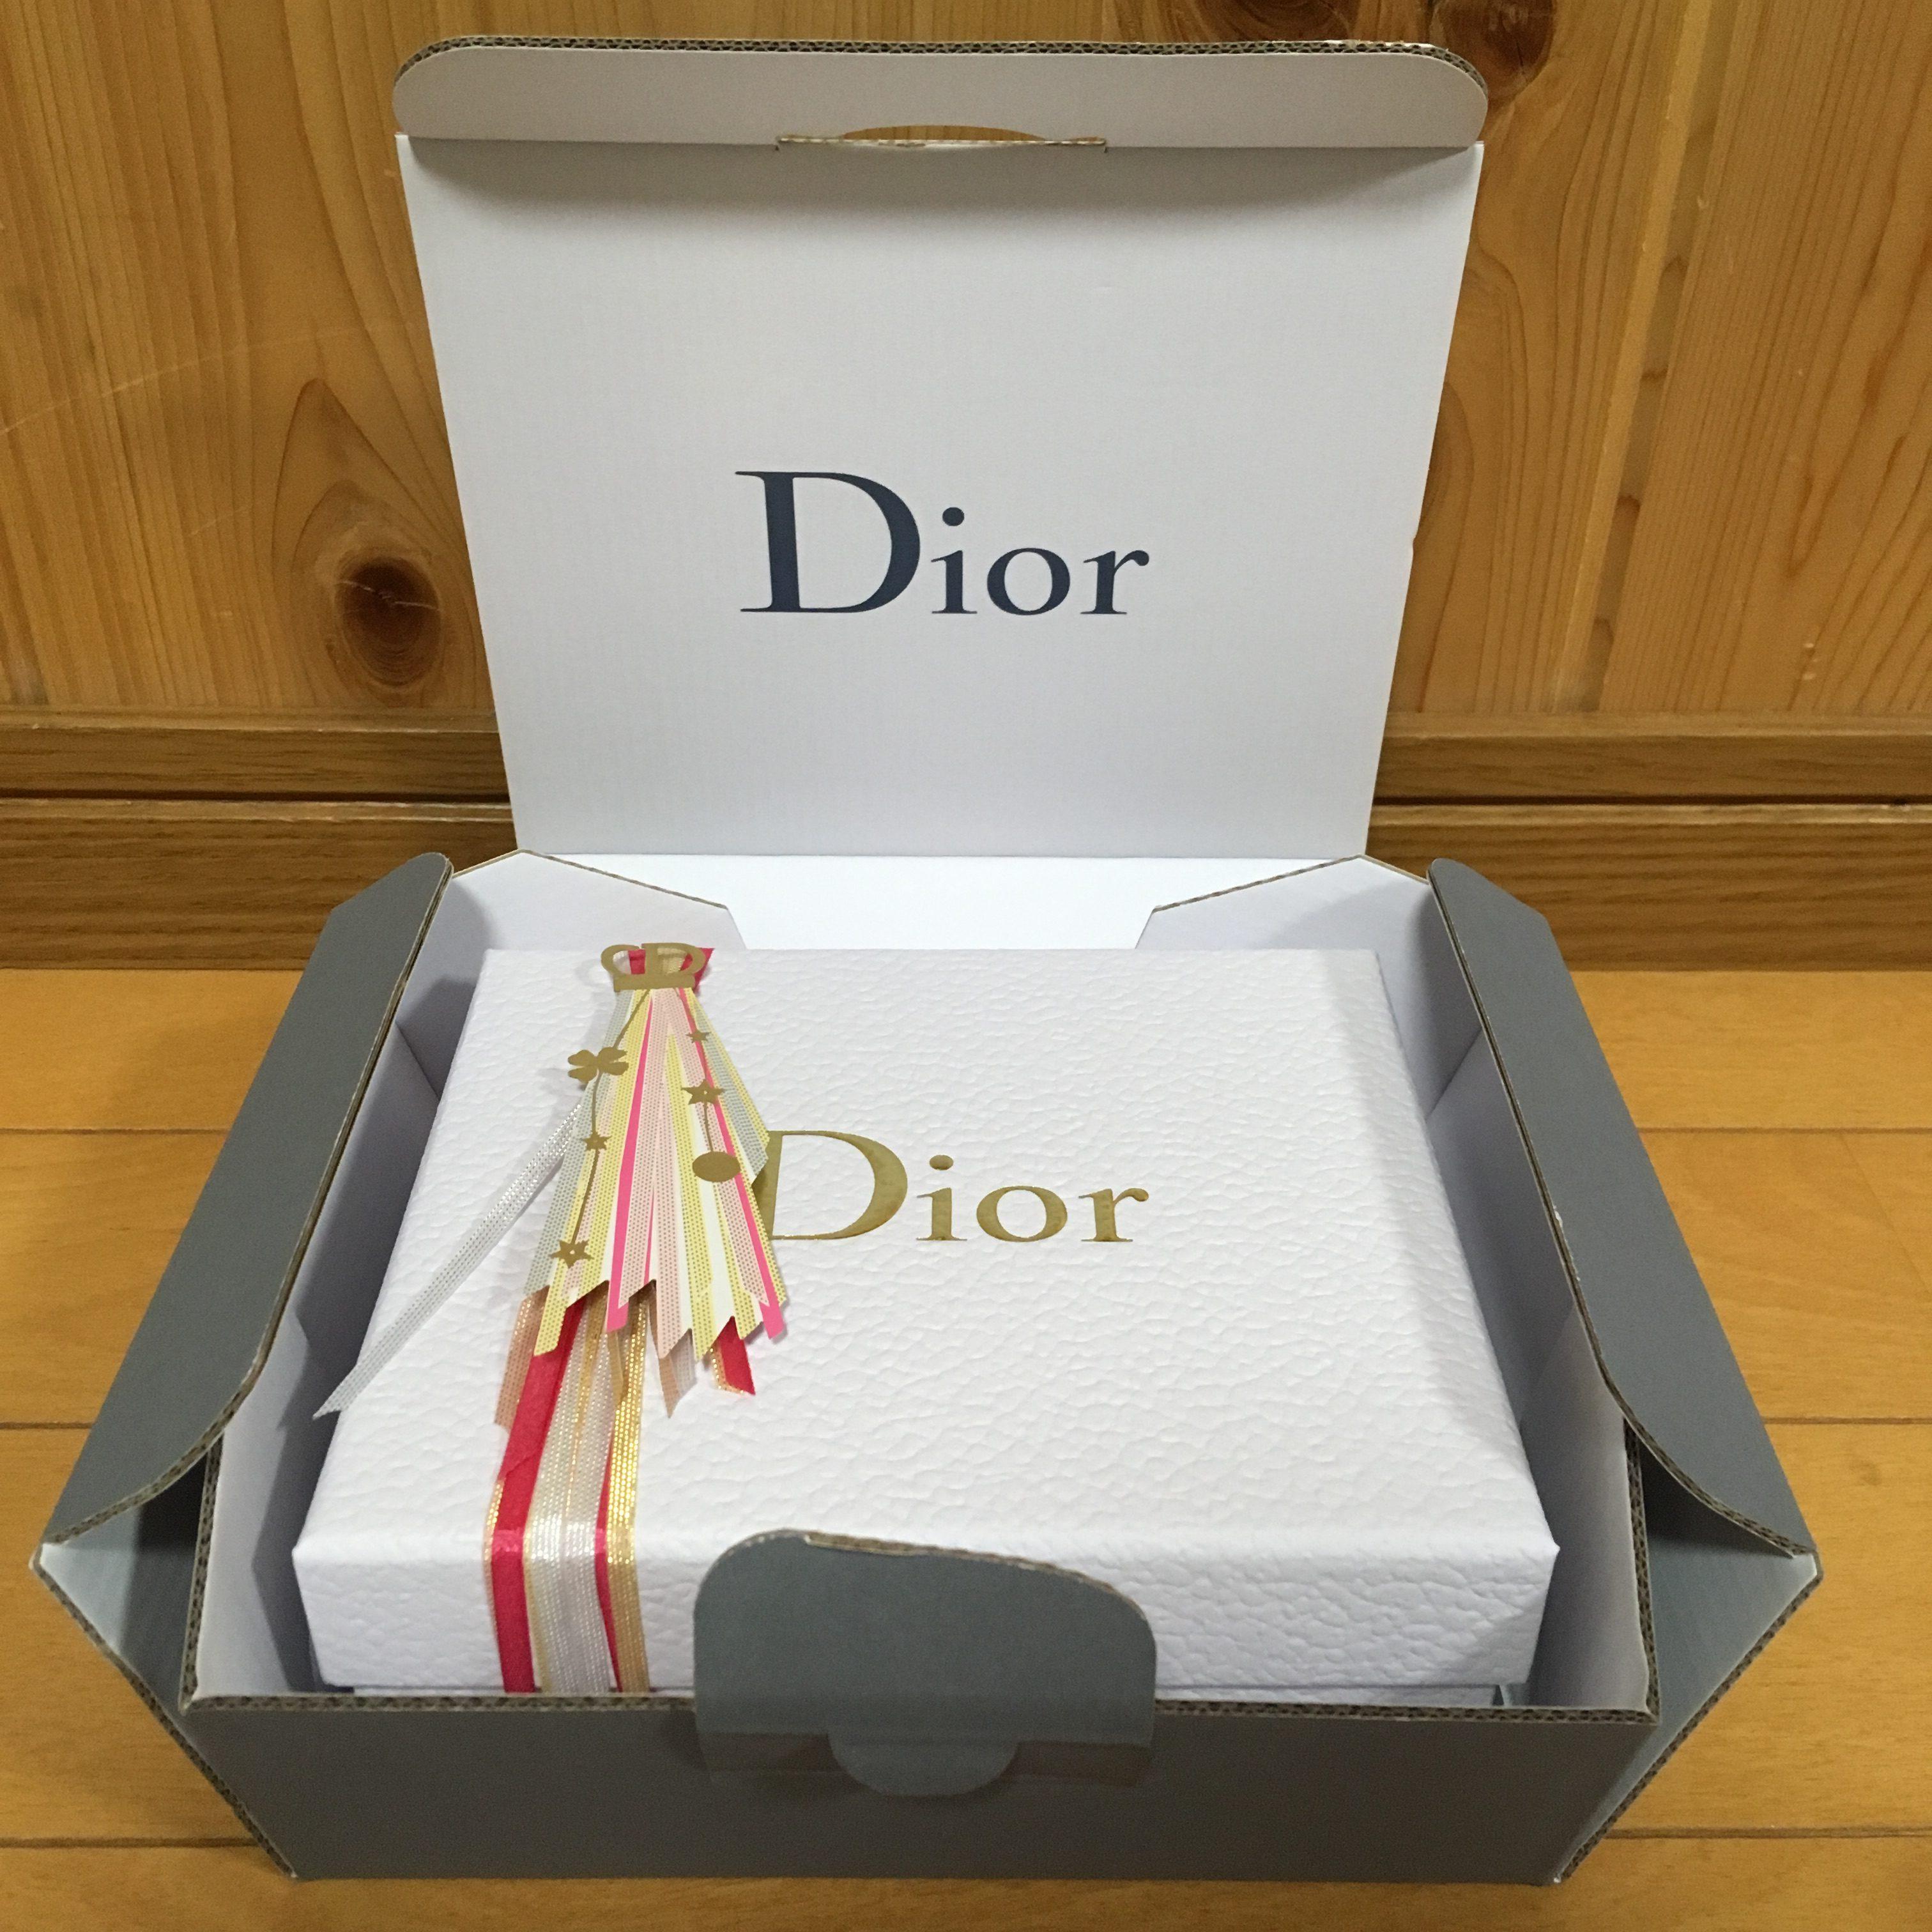 Dior ディオール オンラインブティック ギフト クリスマス ラッピング